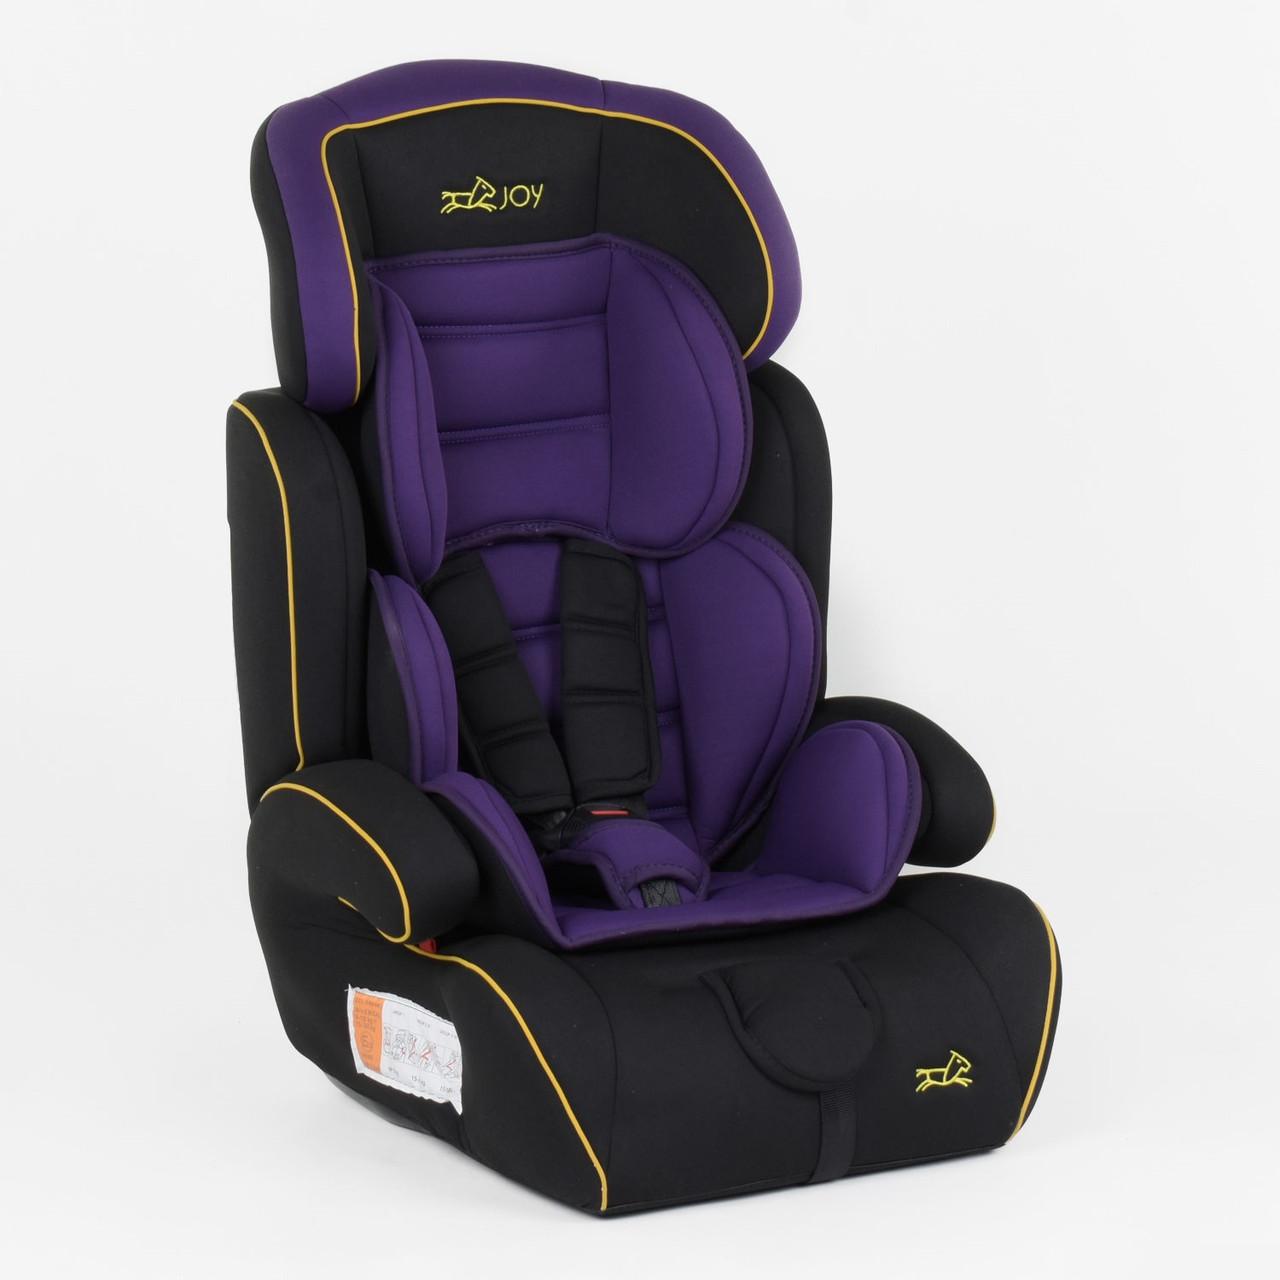 Автомобільне крісло для дітей з нахилом спинки на 180 градусів JOY 8577 BV (вага дитини 9-36 кг)